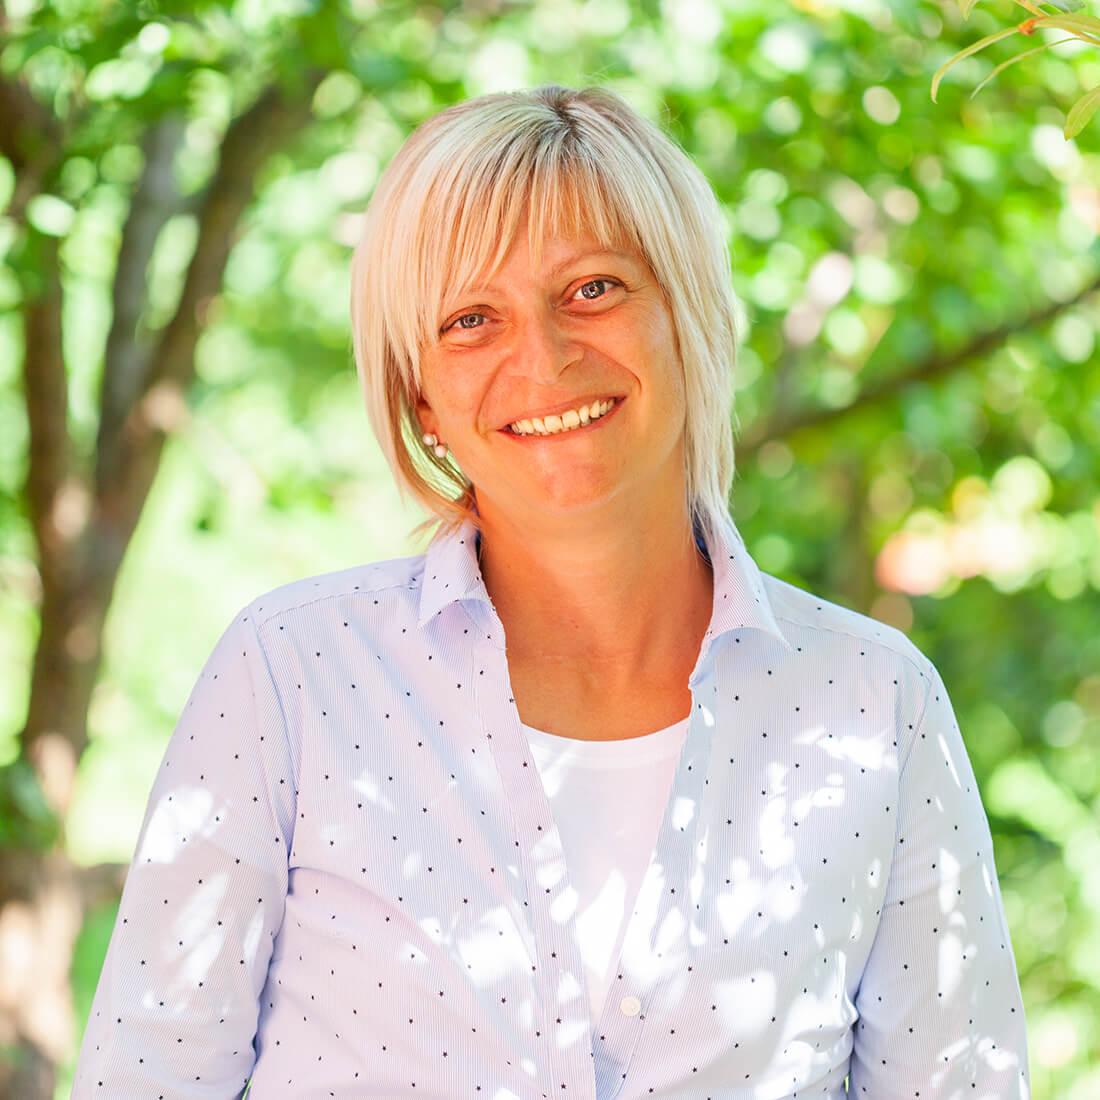 Hausarzt Bernhardsthal - Neugebauer - Team - Doris Schwalm